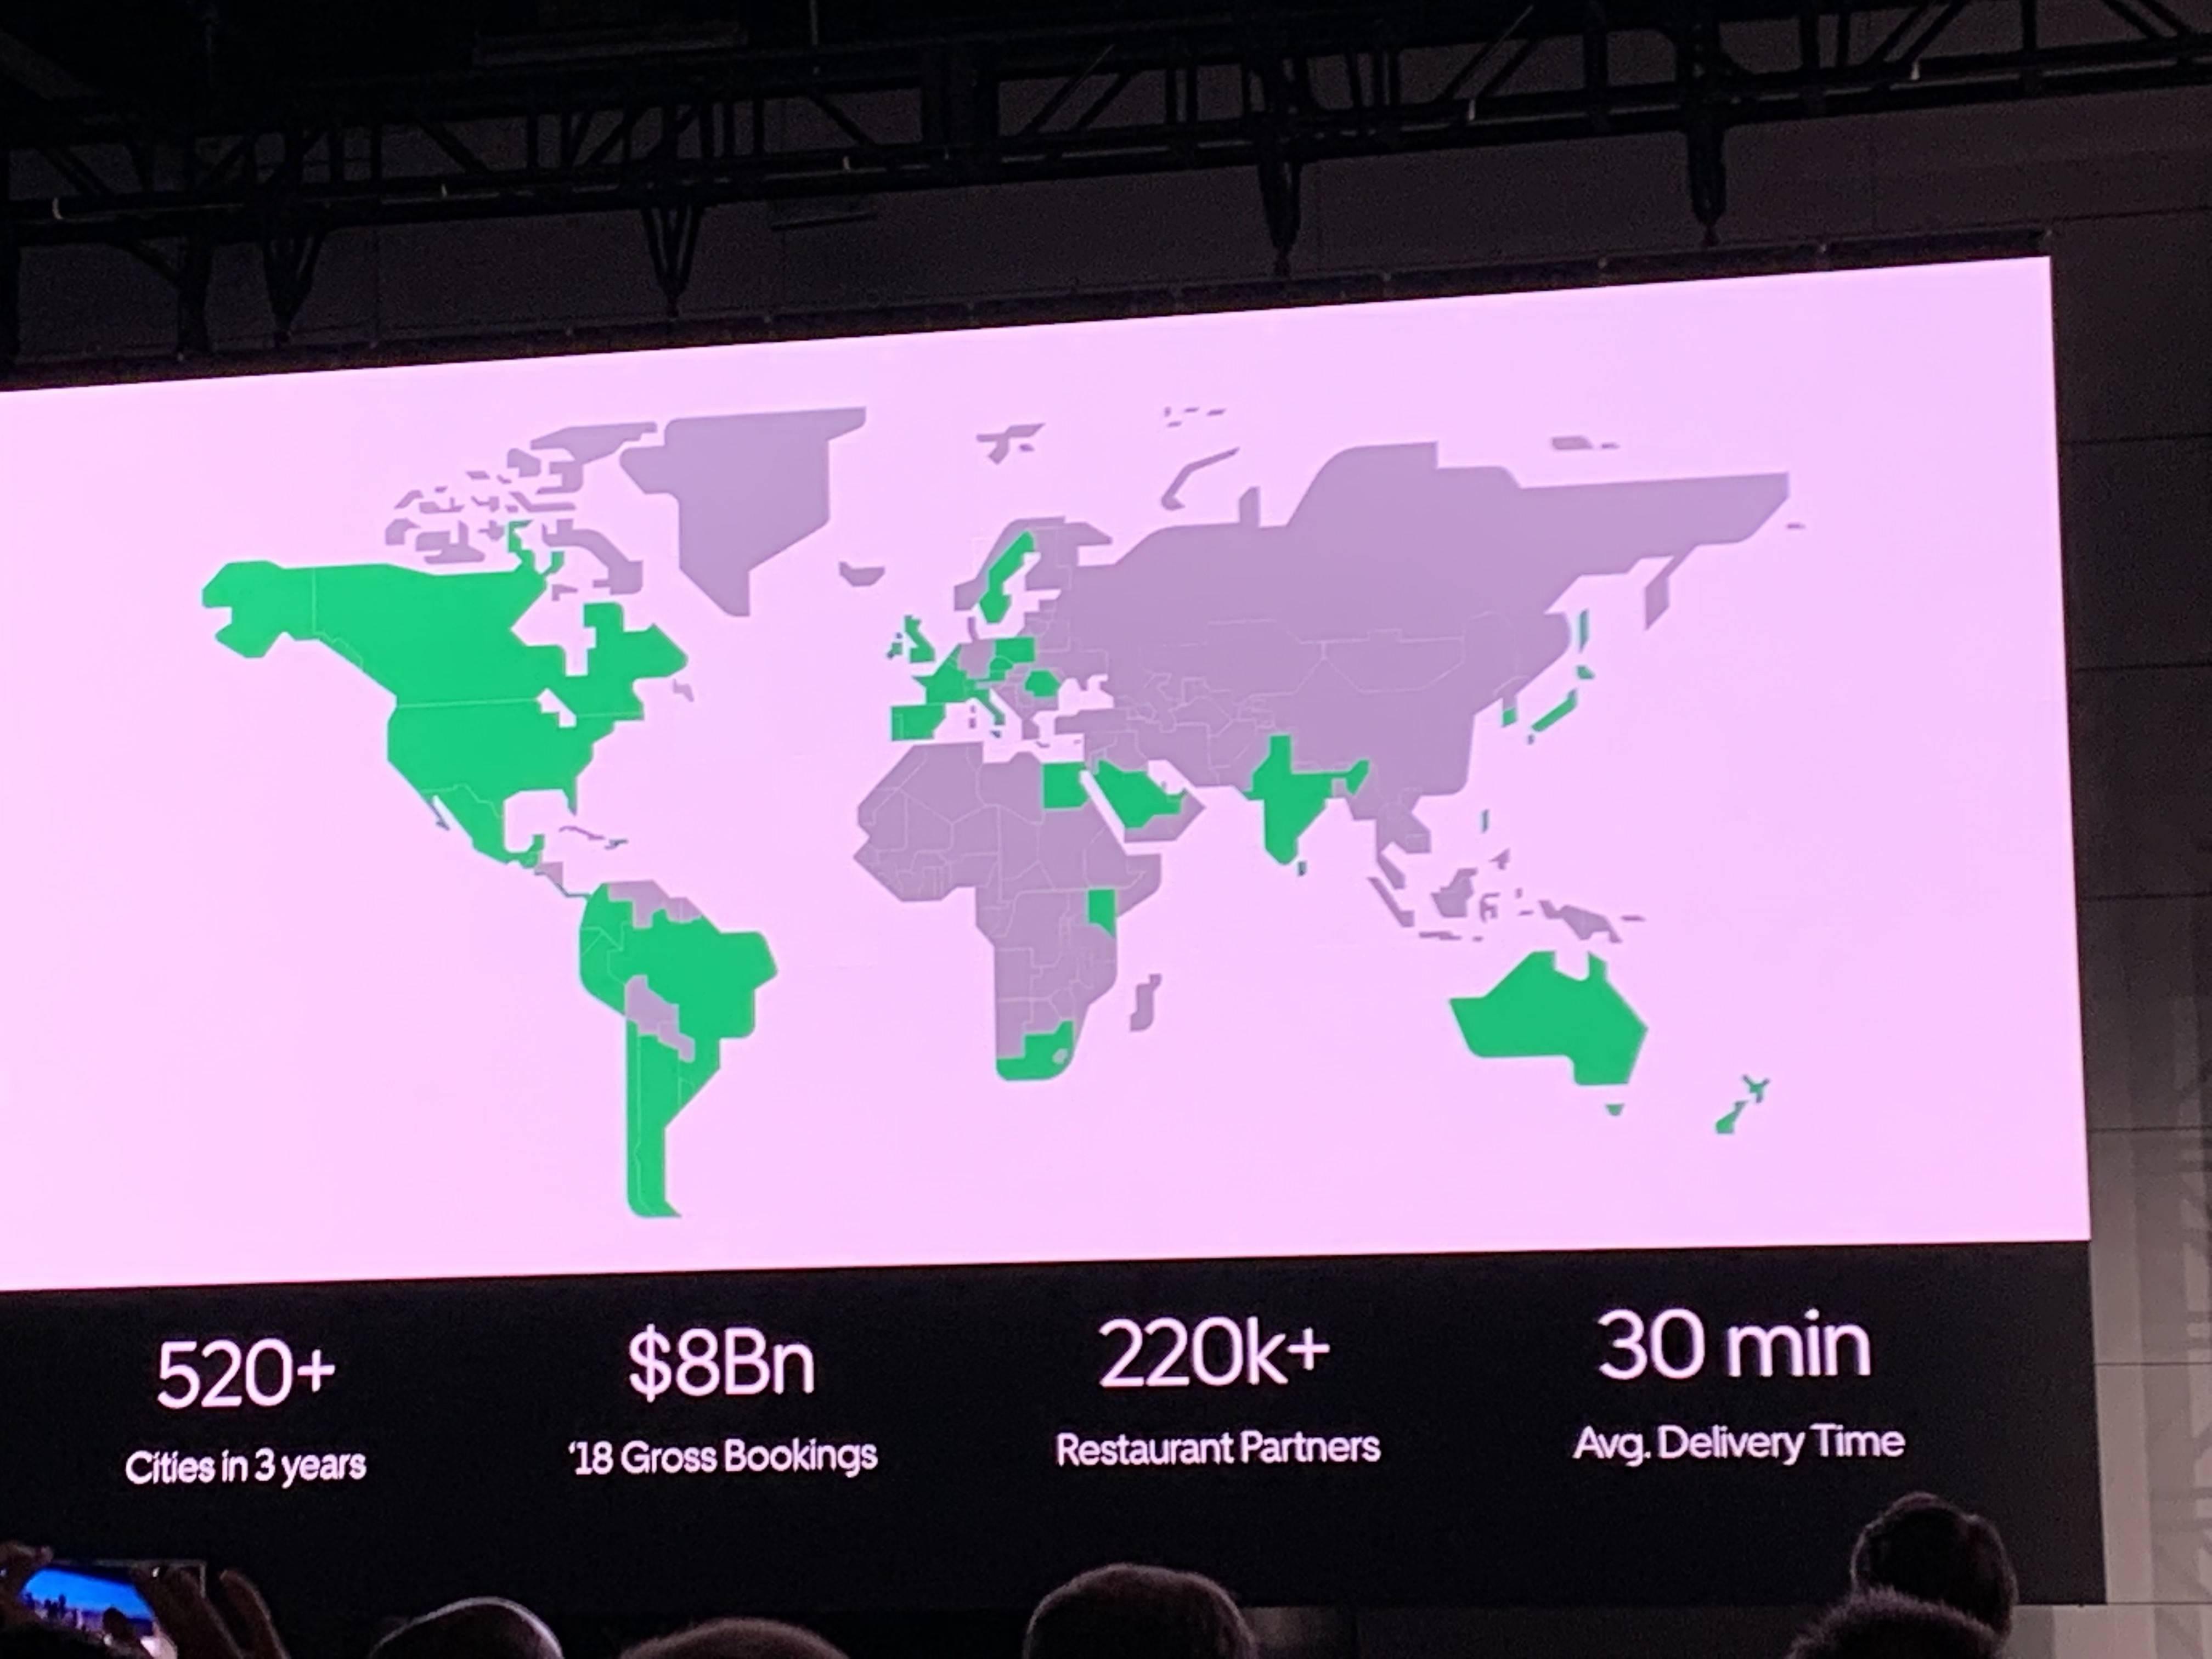 Uber confirma que comenzará a ofrecer comida rápida con drones